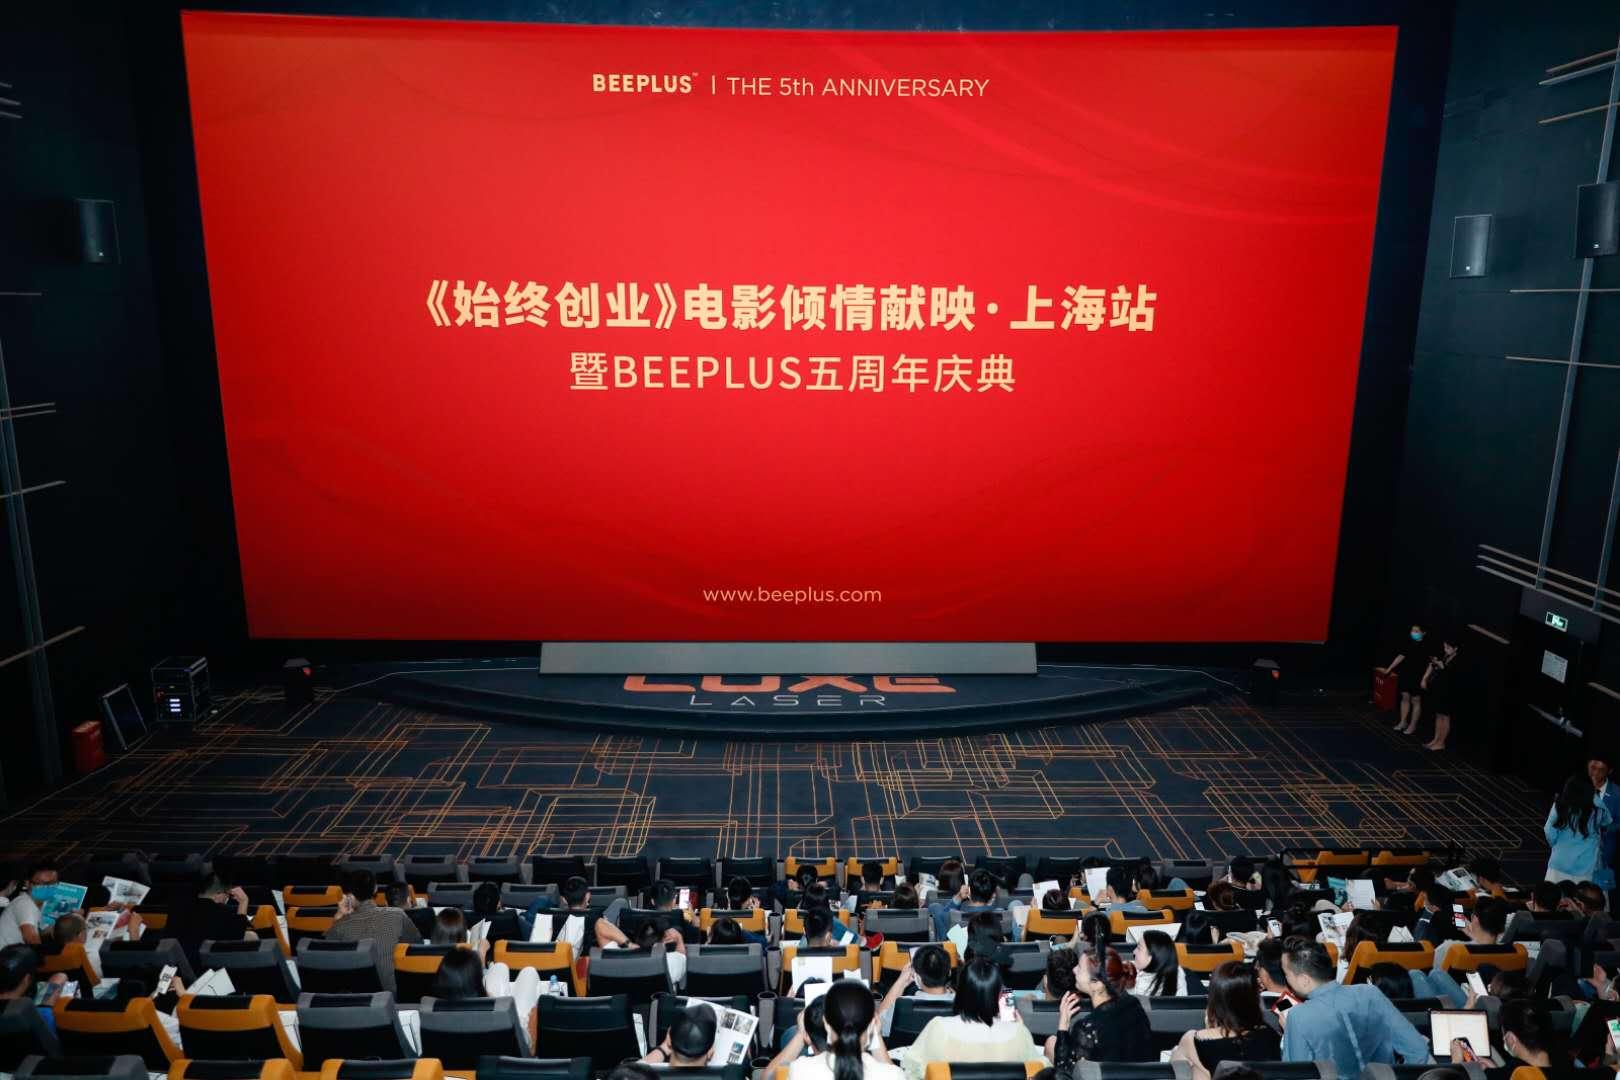 http://www.feizekeji.com/hulianwang/455125.html